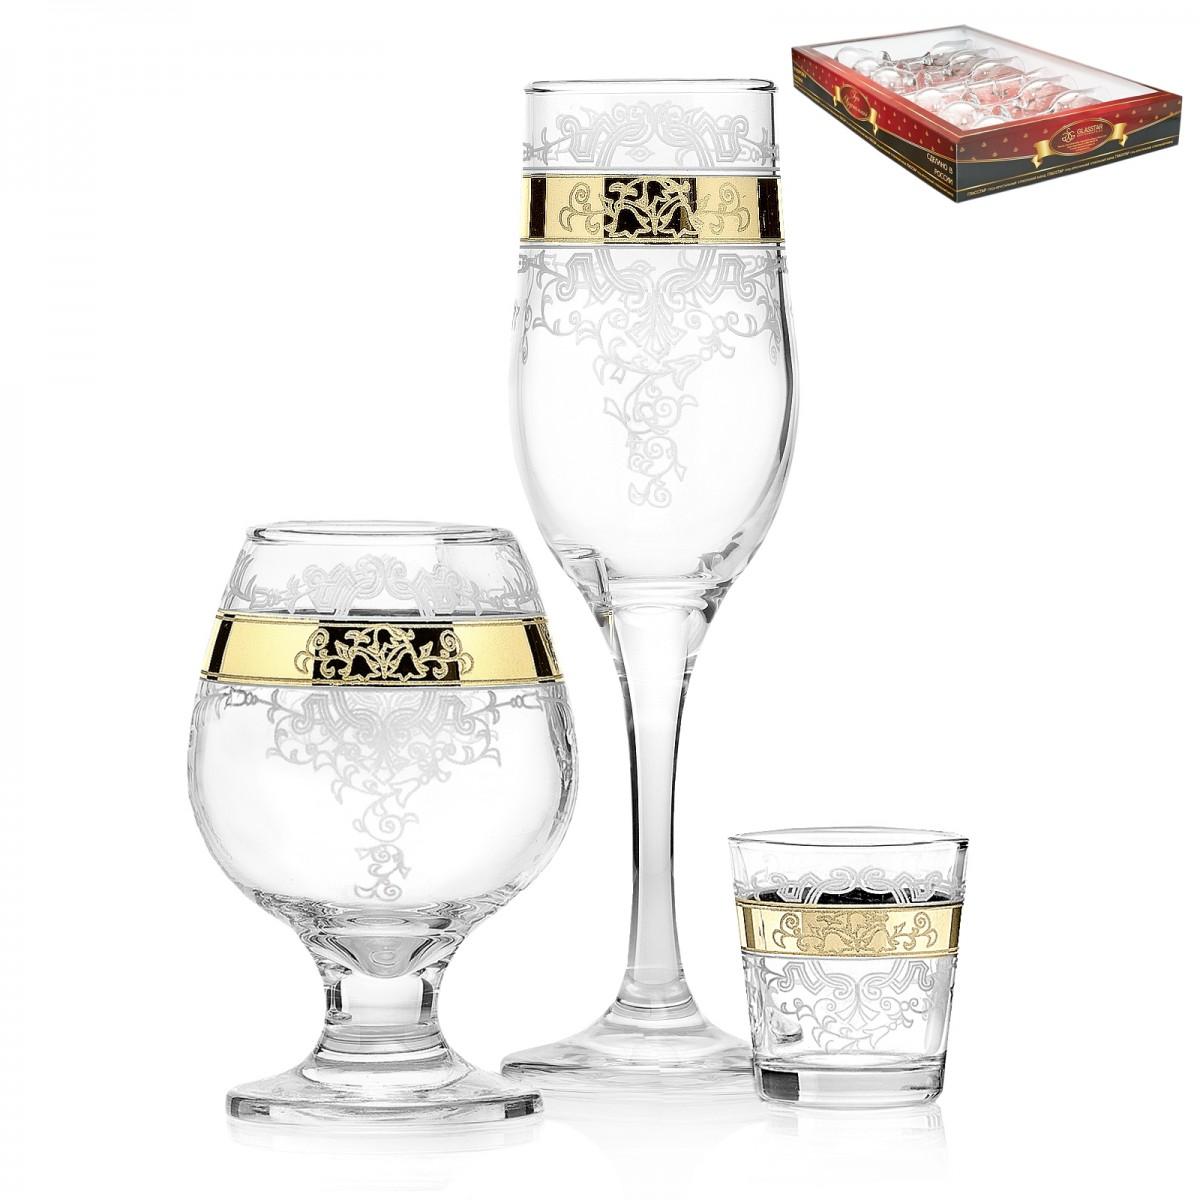 GN13_160_1740_50 Набор 18 предметов «Медальон» (6 бокалов + 6 бокалов для бренди + 6 стопок)